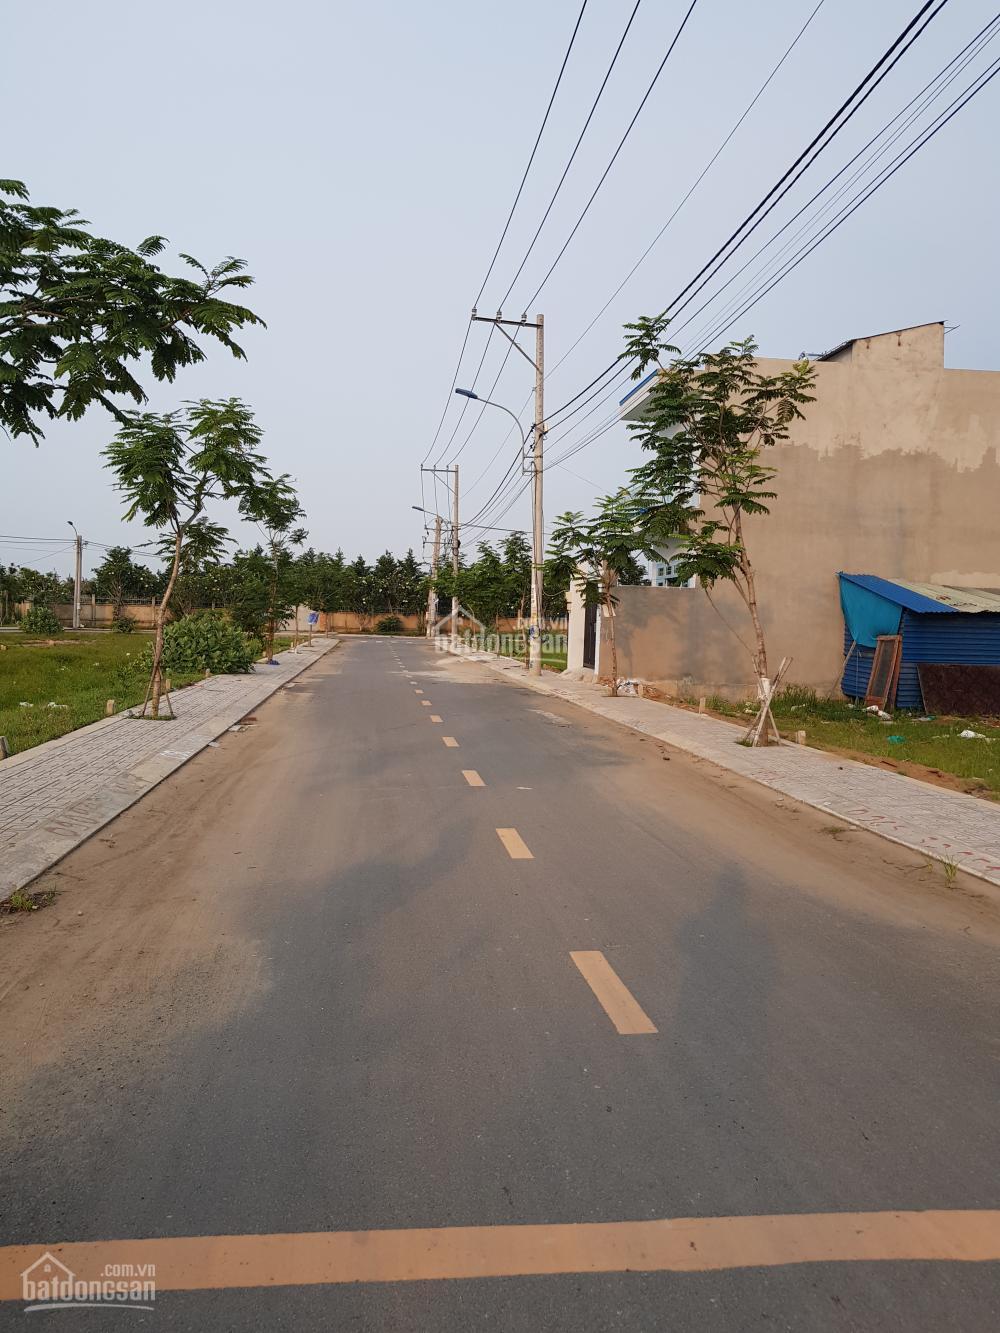 Bán đất thổ cư mt đường trường lưu, xây dựng tự do, dt 5m x 22m, giá 44tr/m2 tl, tel